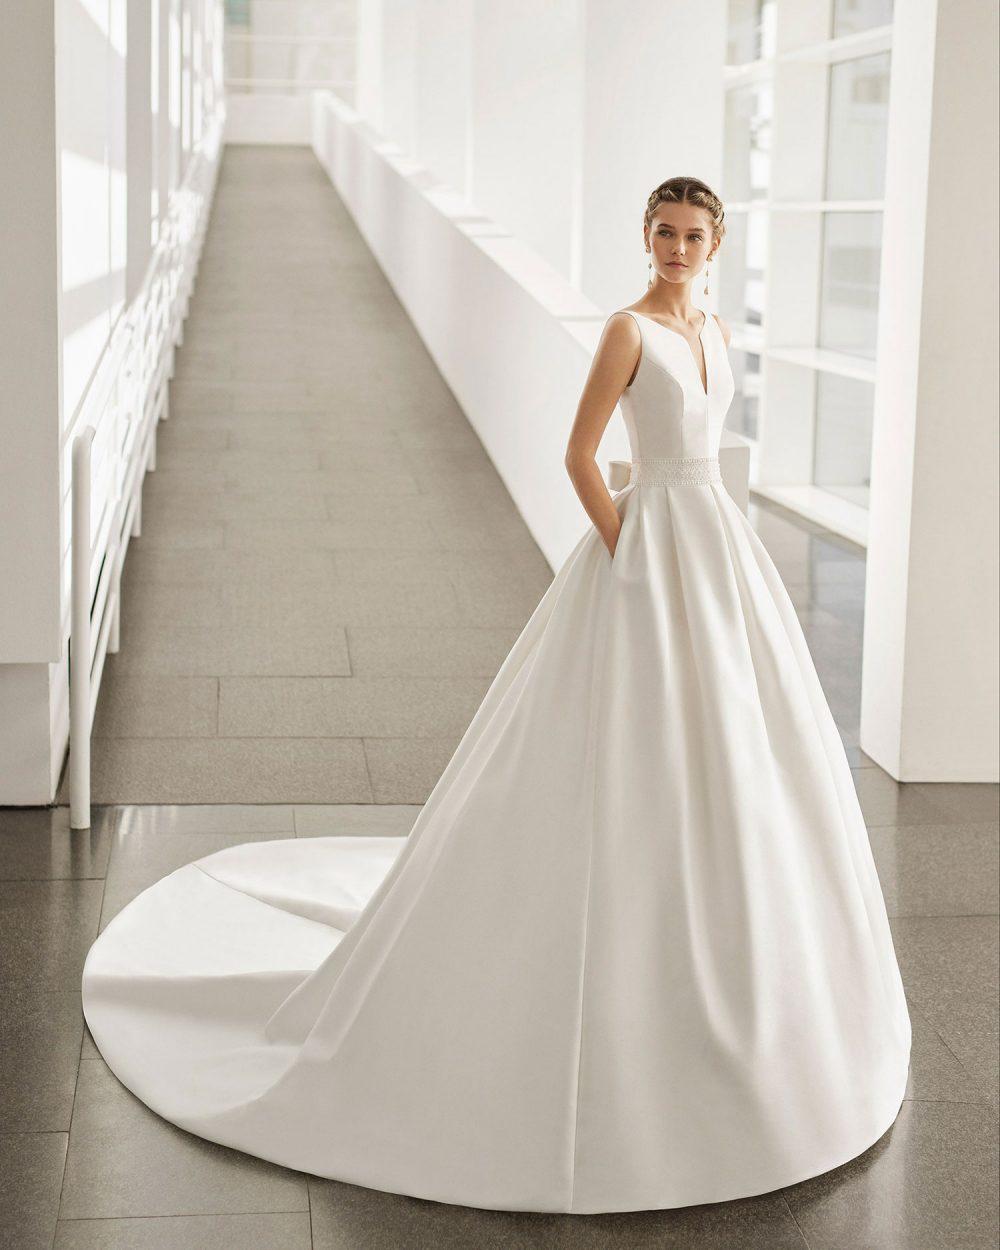 Rosa Clarà 2022 abito vestito sposa Vicenza NAGANO